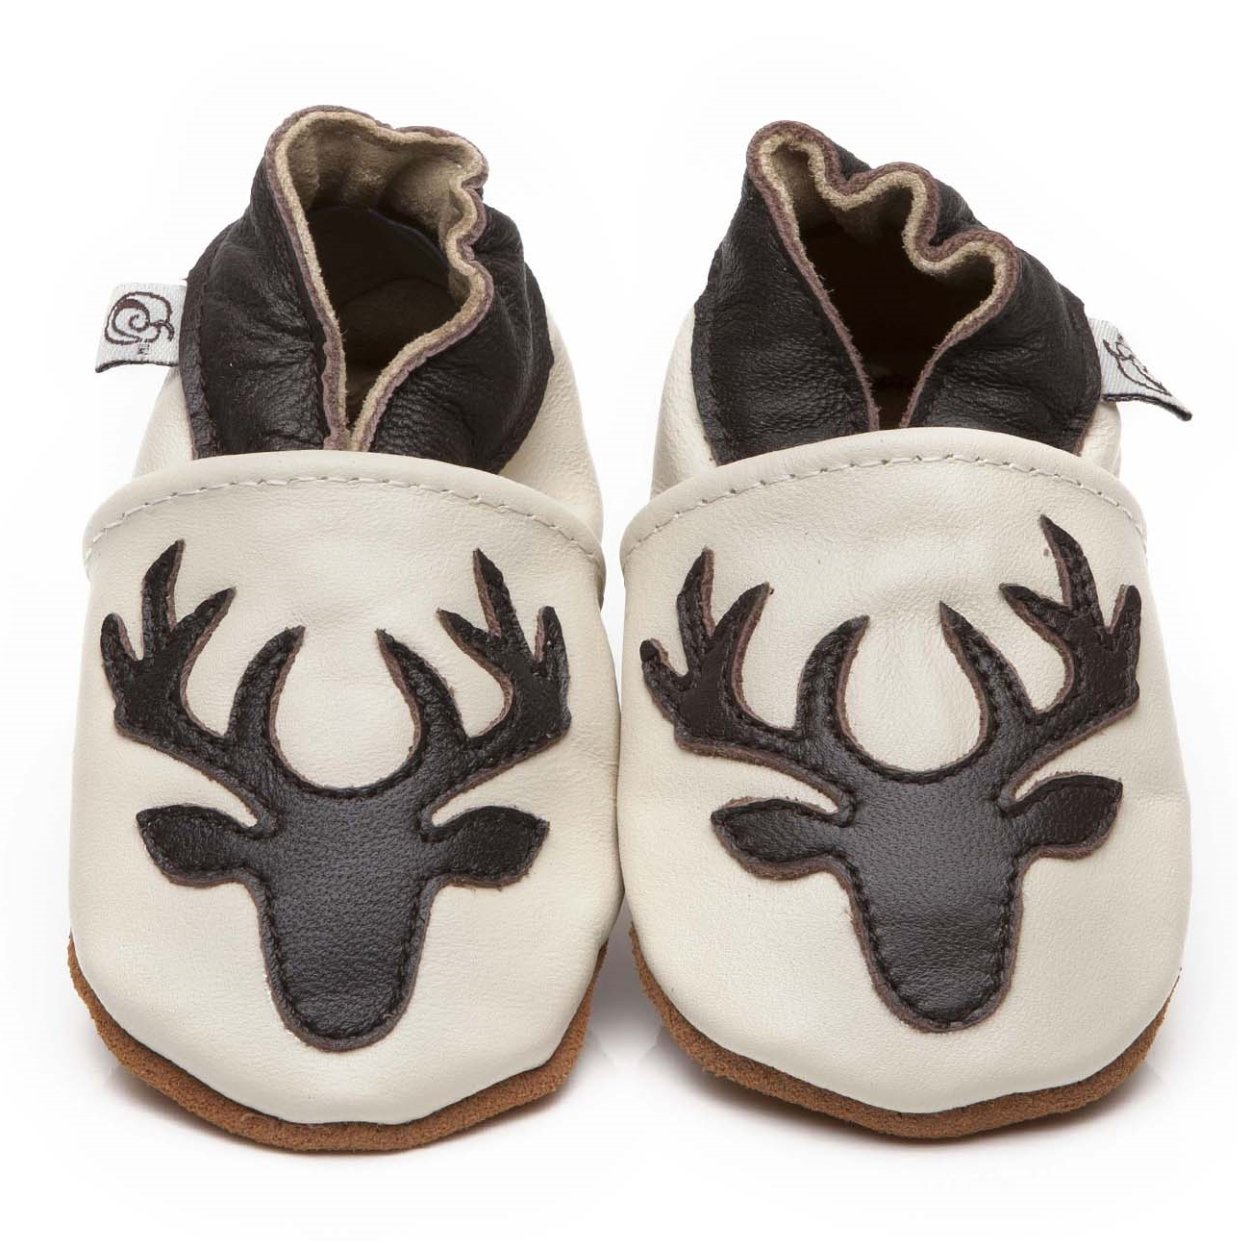 Suaves Zapatos De Cuero Del Beb/é Ciervo 4-5 a/ños